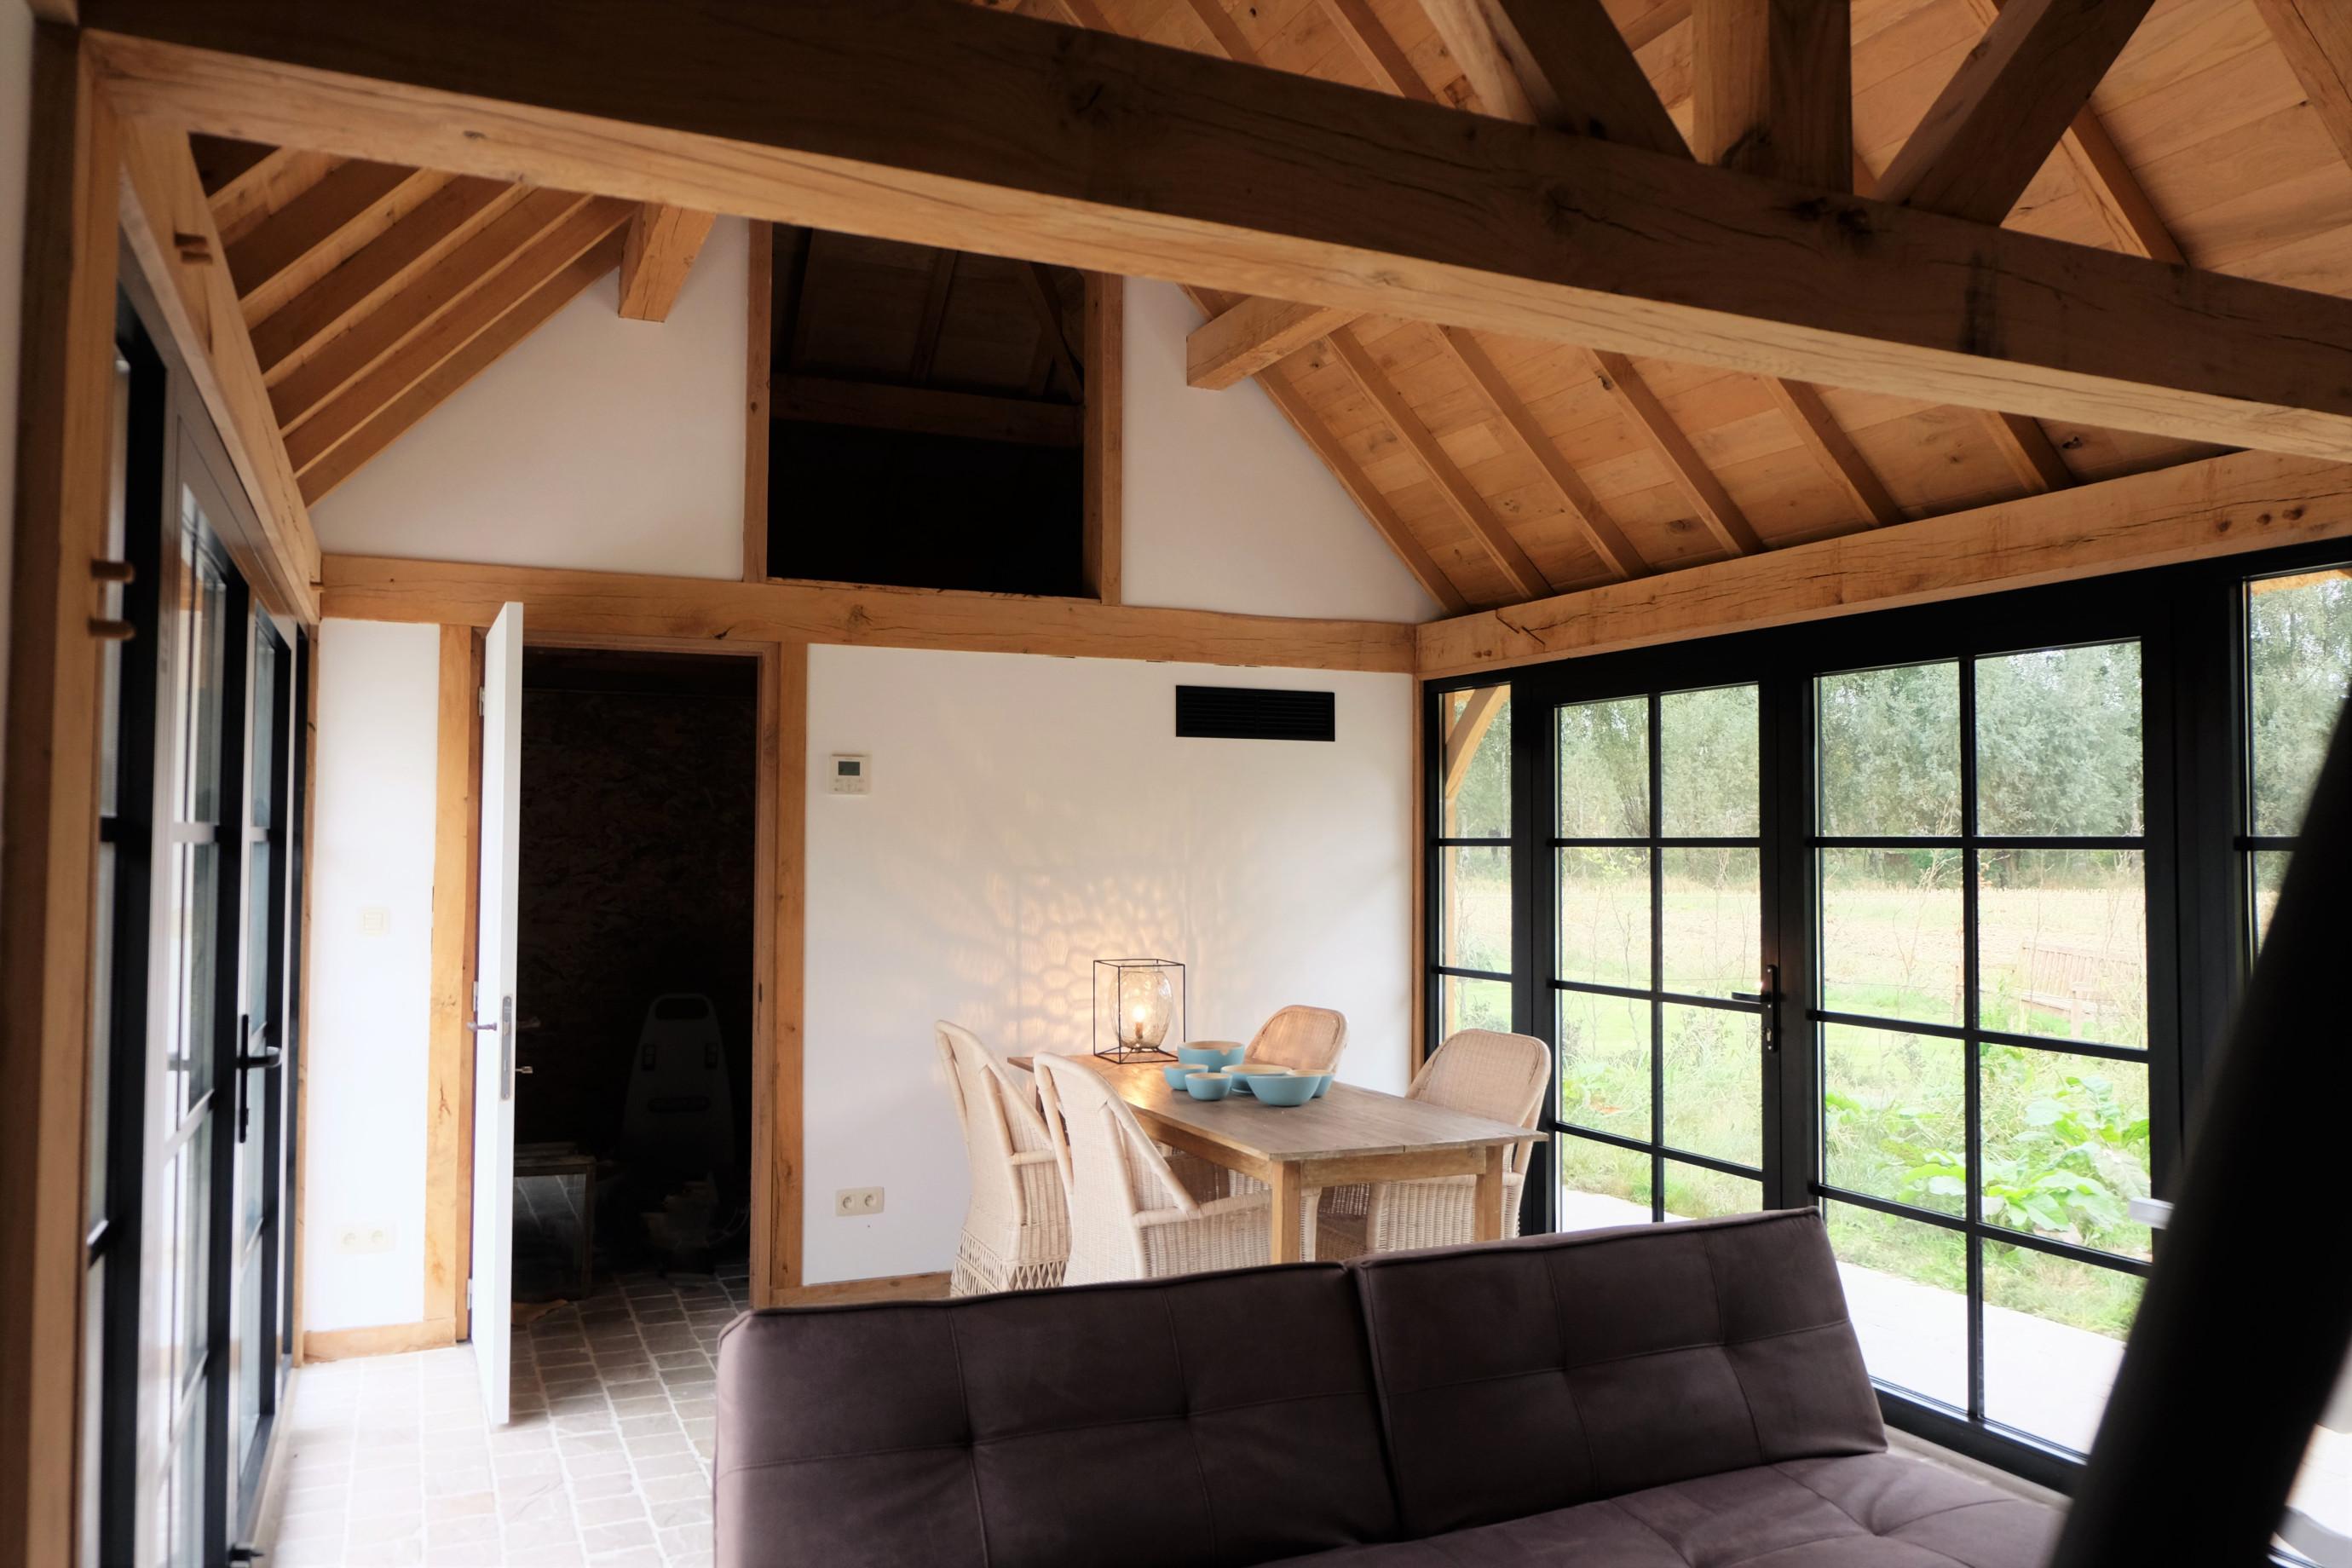 Interieur eiken poolhouse - Vanhauwood in samenwerking met Cornelis Hout.jpg